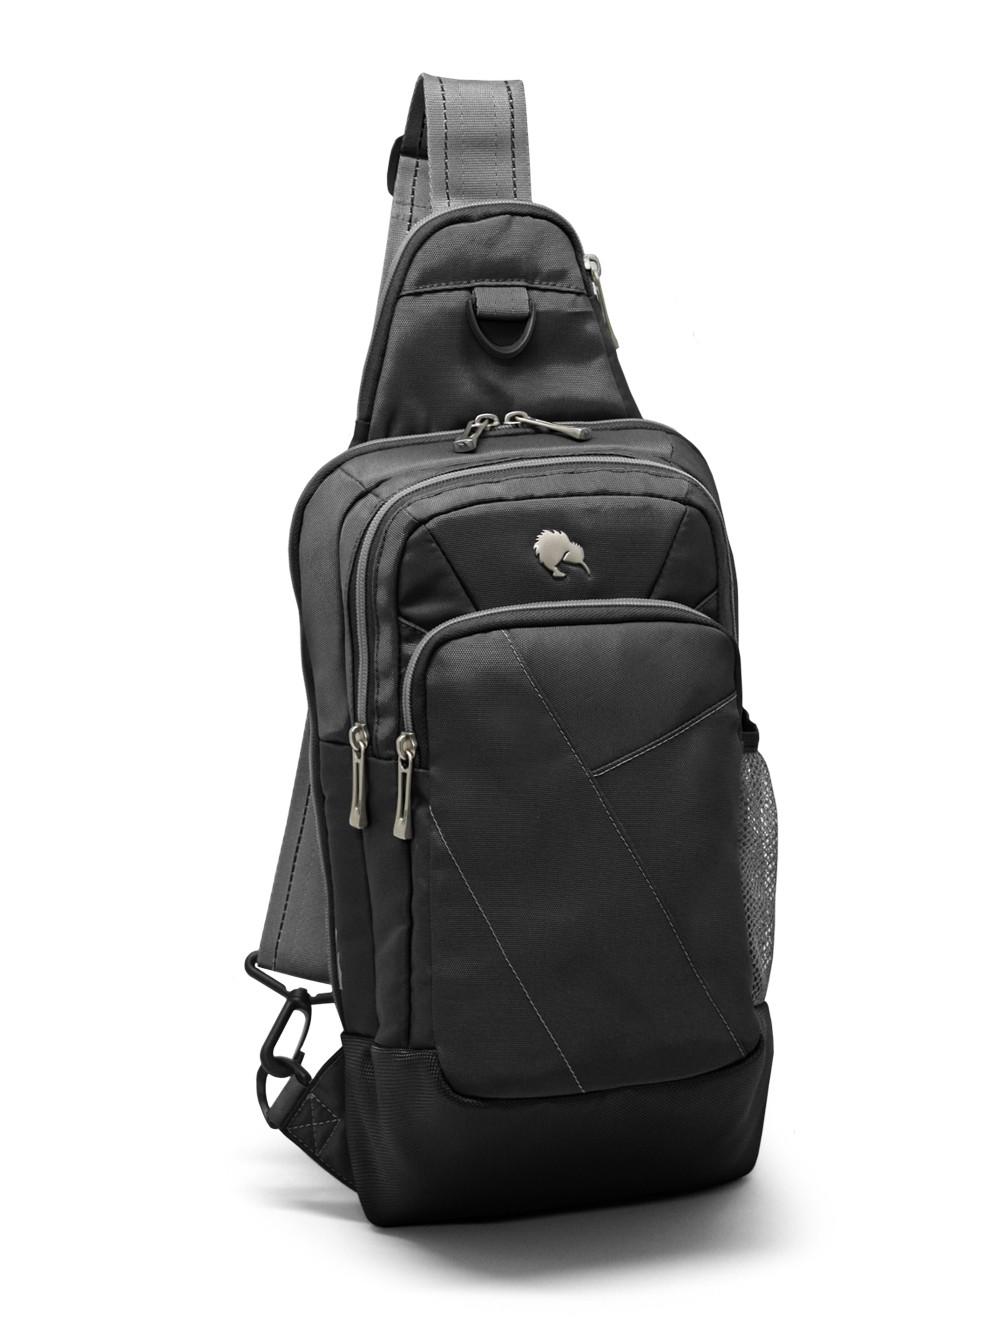 HAKA Sling Pack -Black